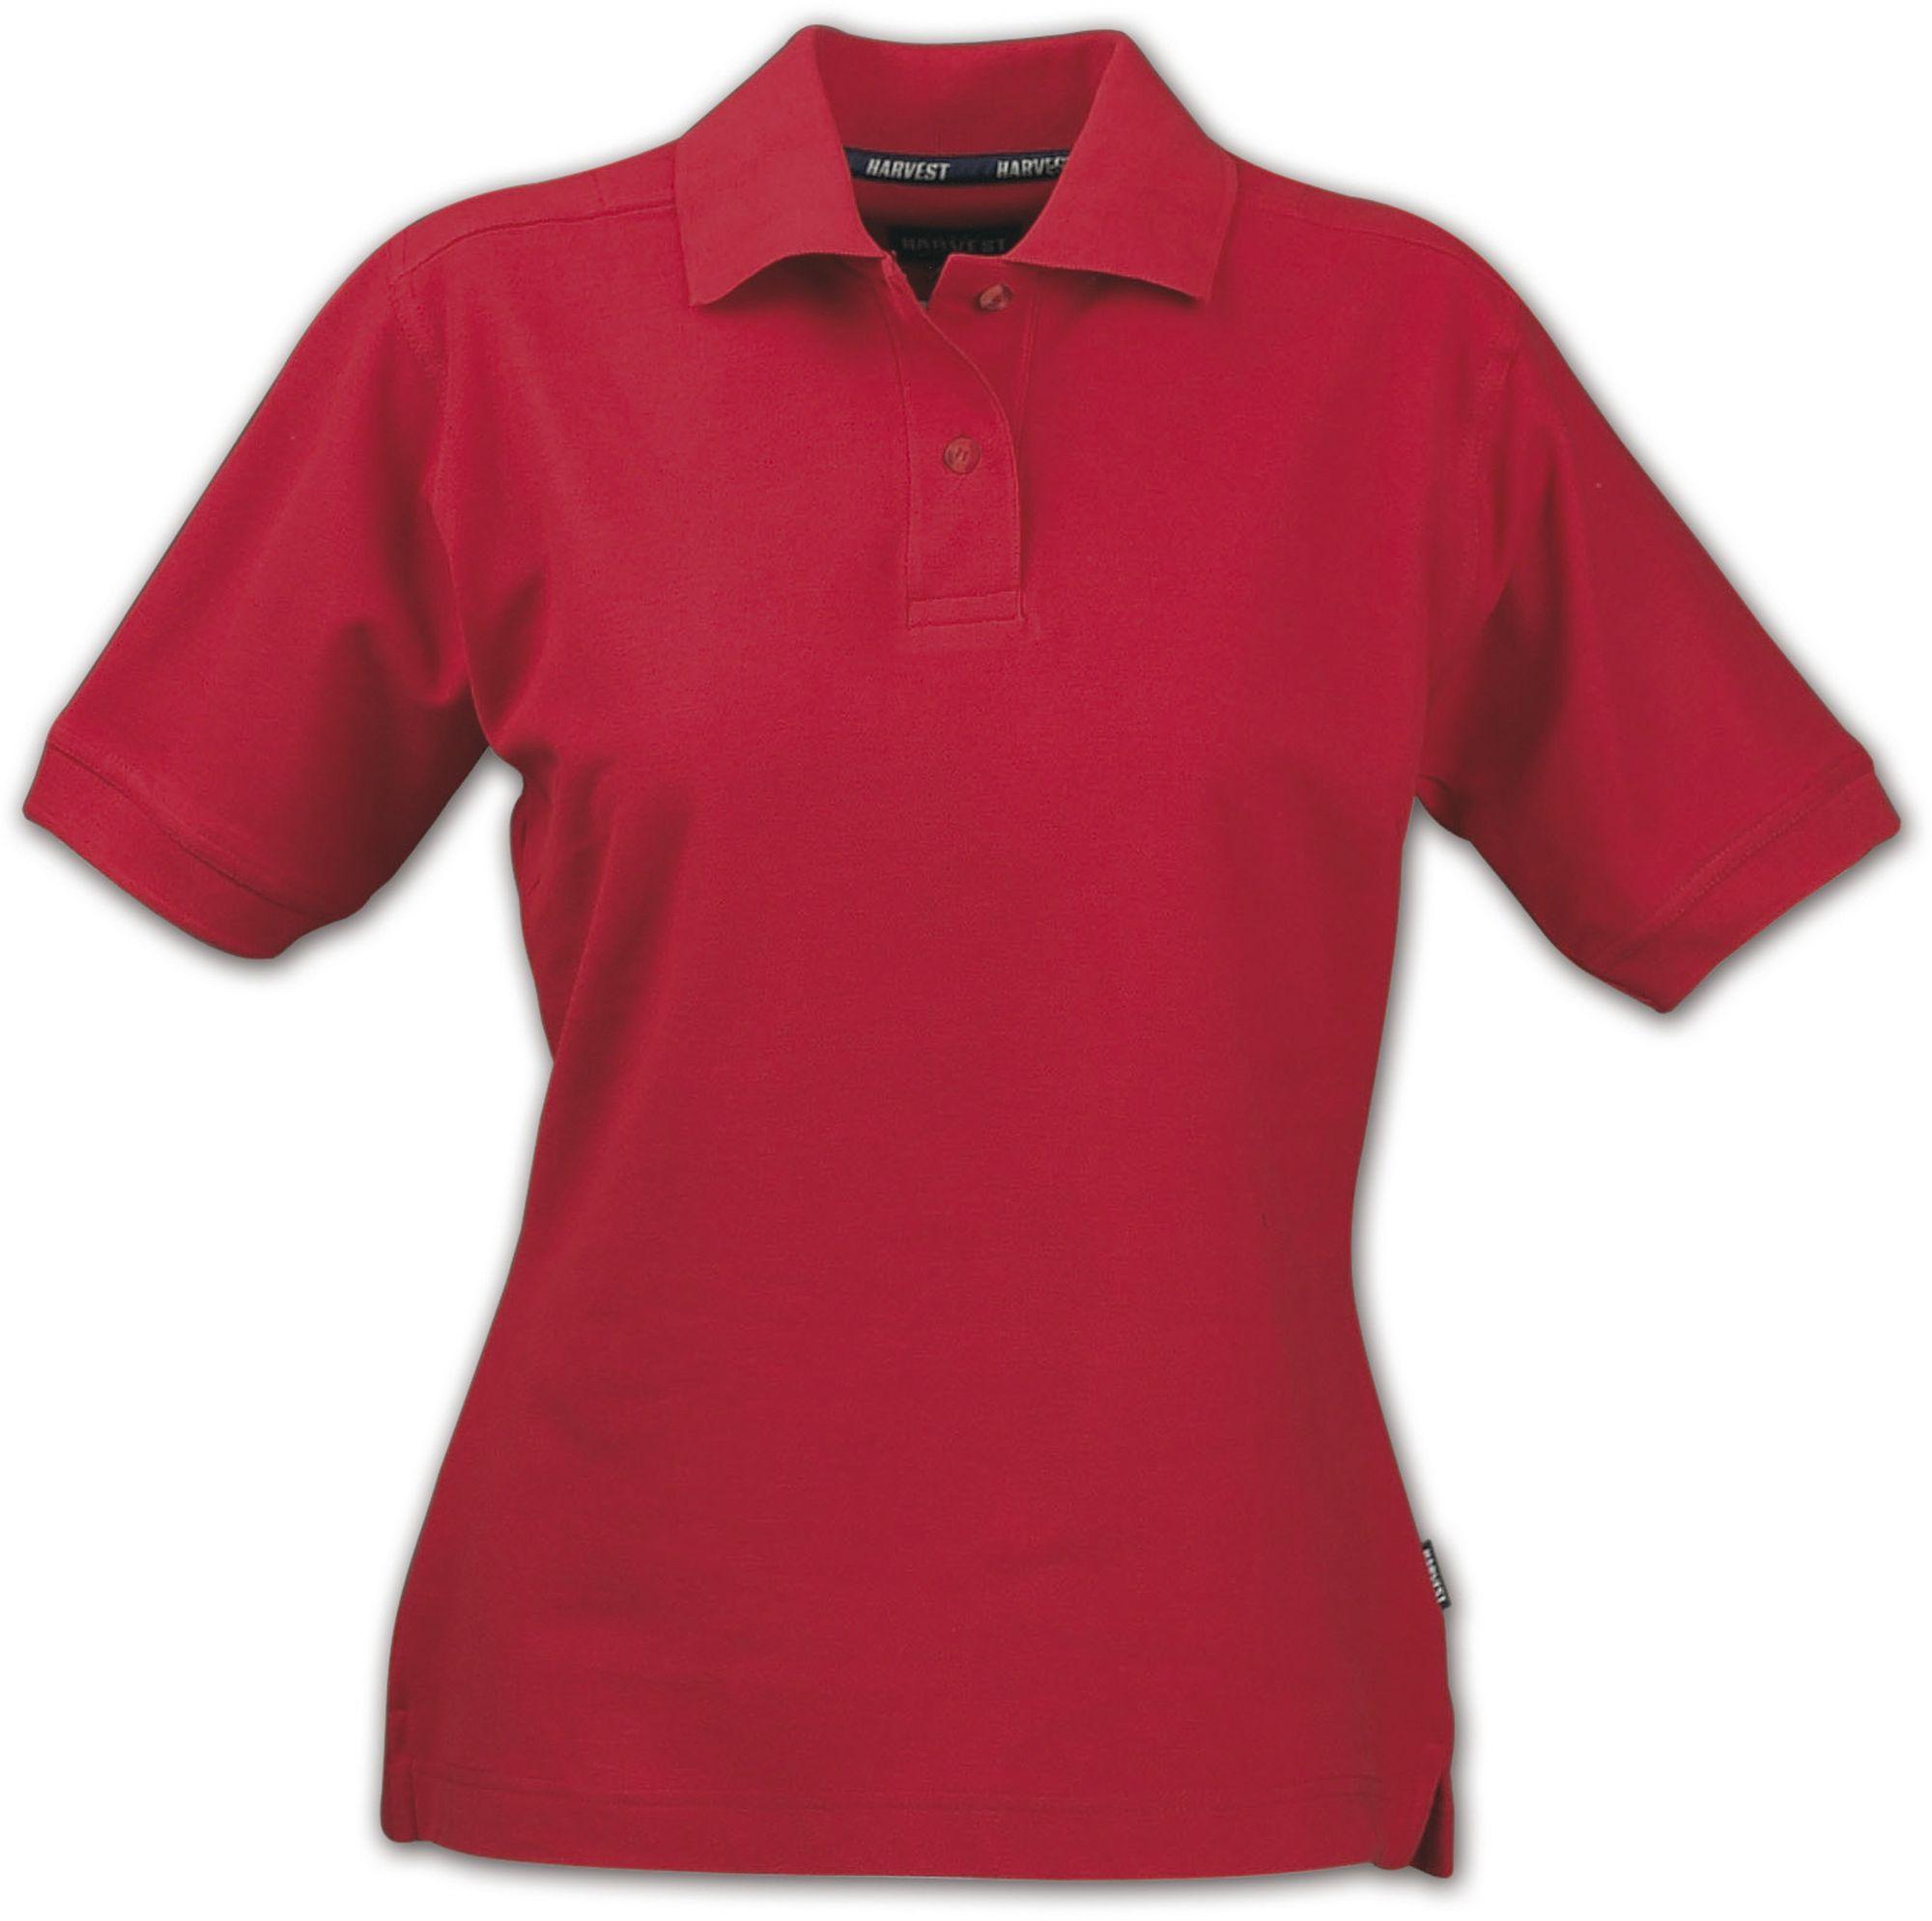 Рубашка поло женская SEMORA, красная